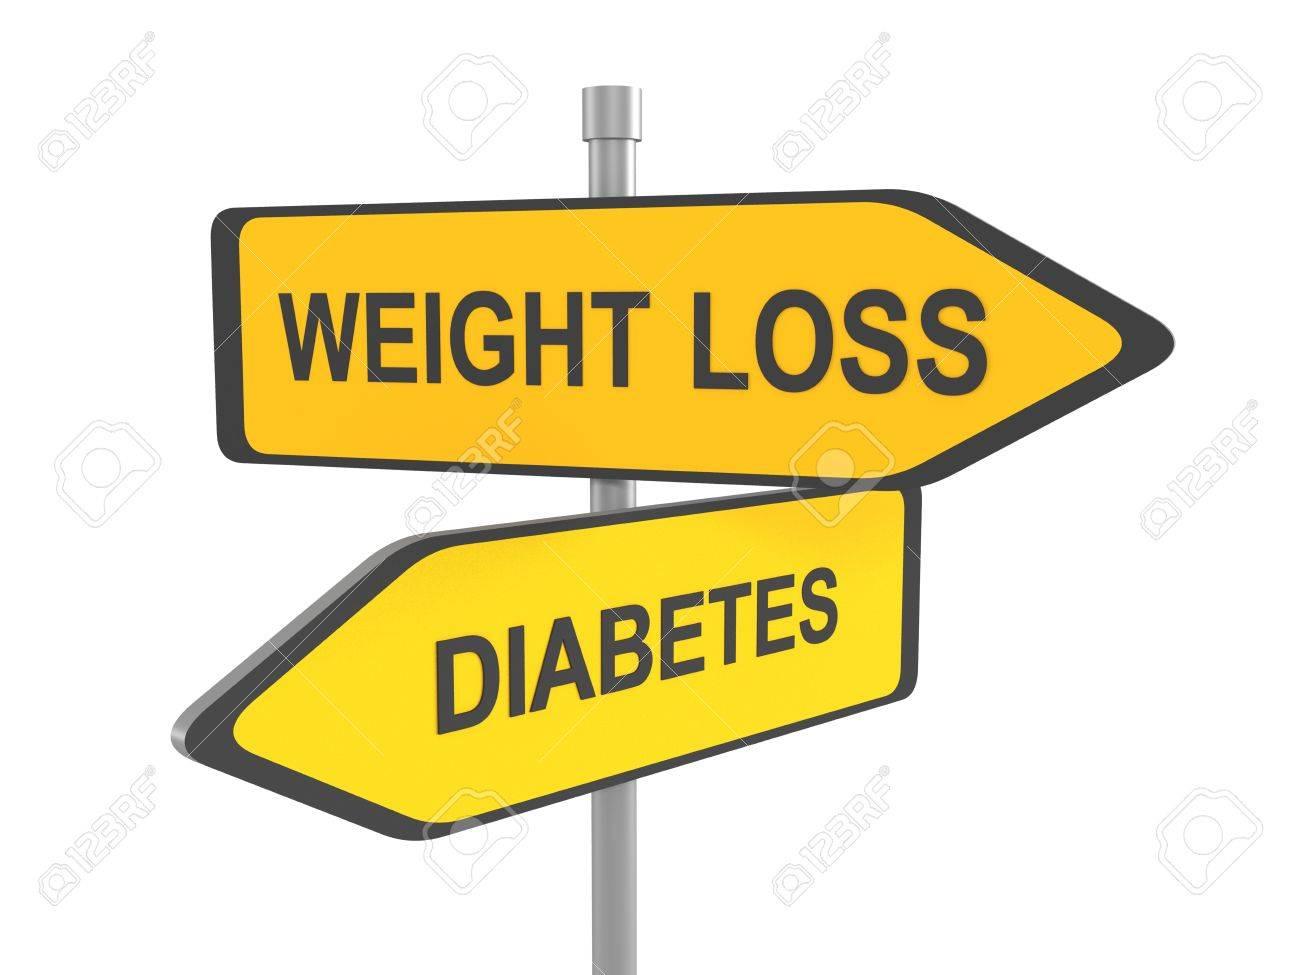 perdida de peso diabetes